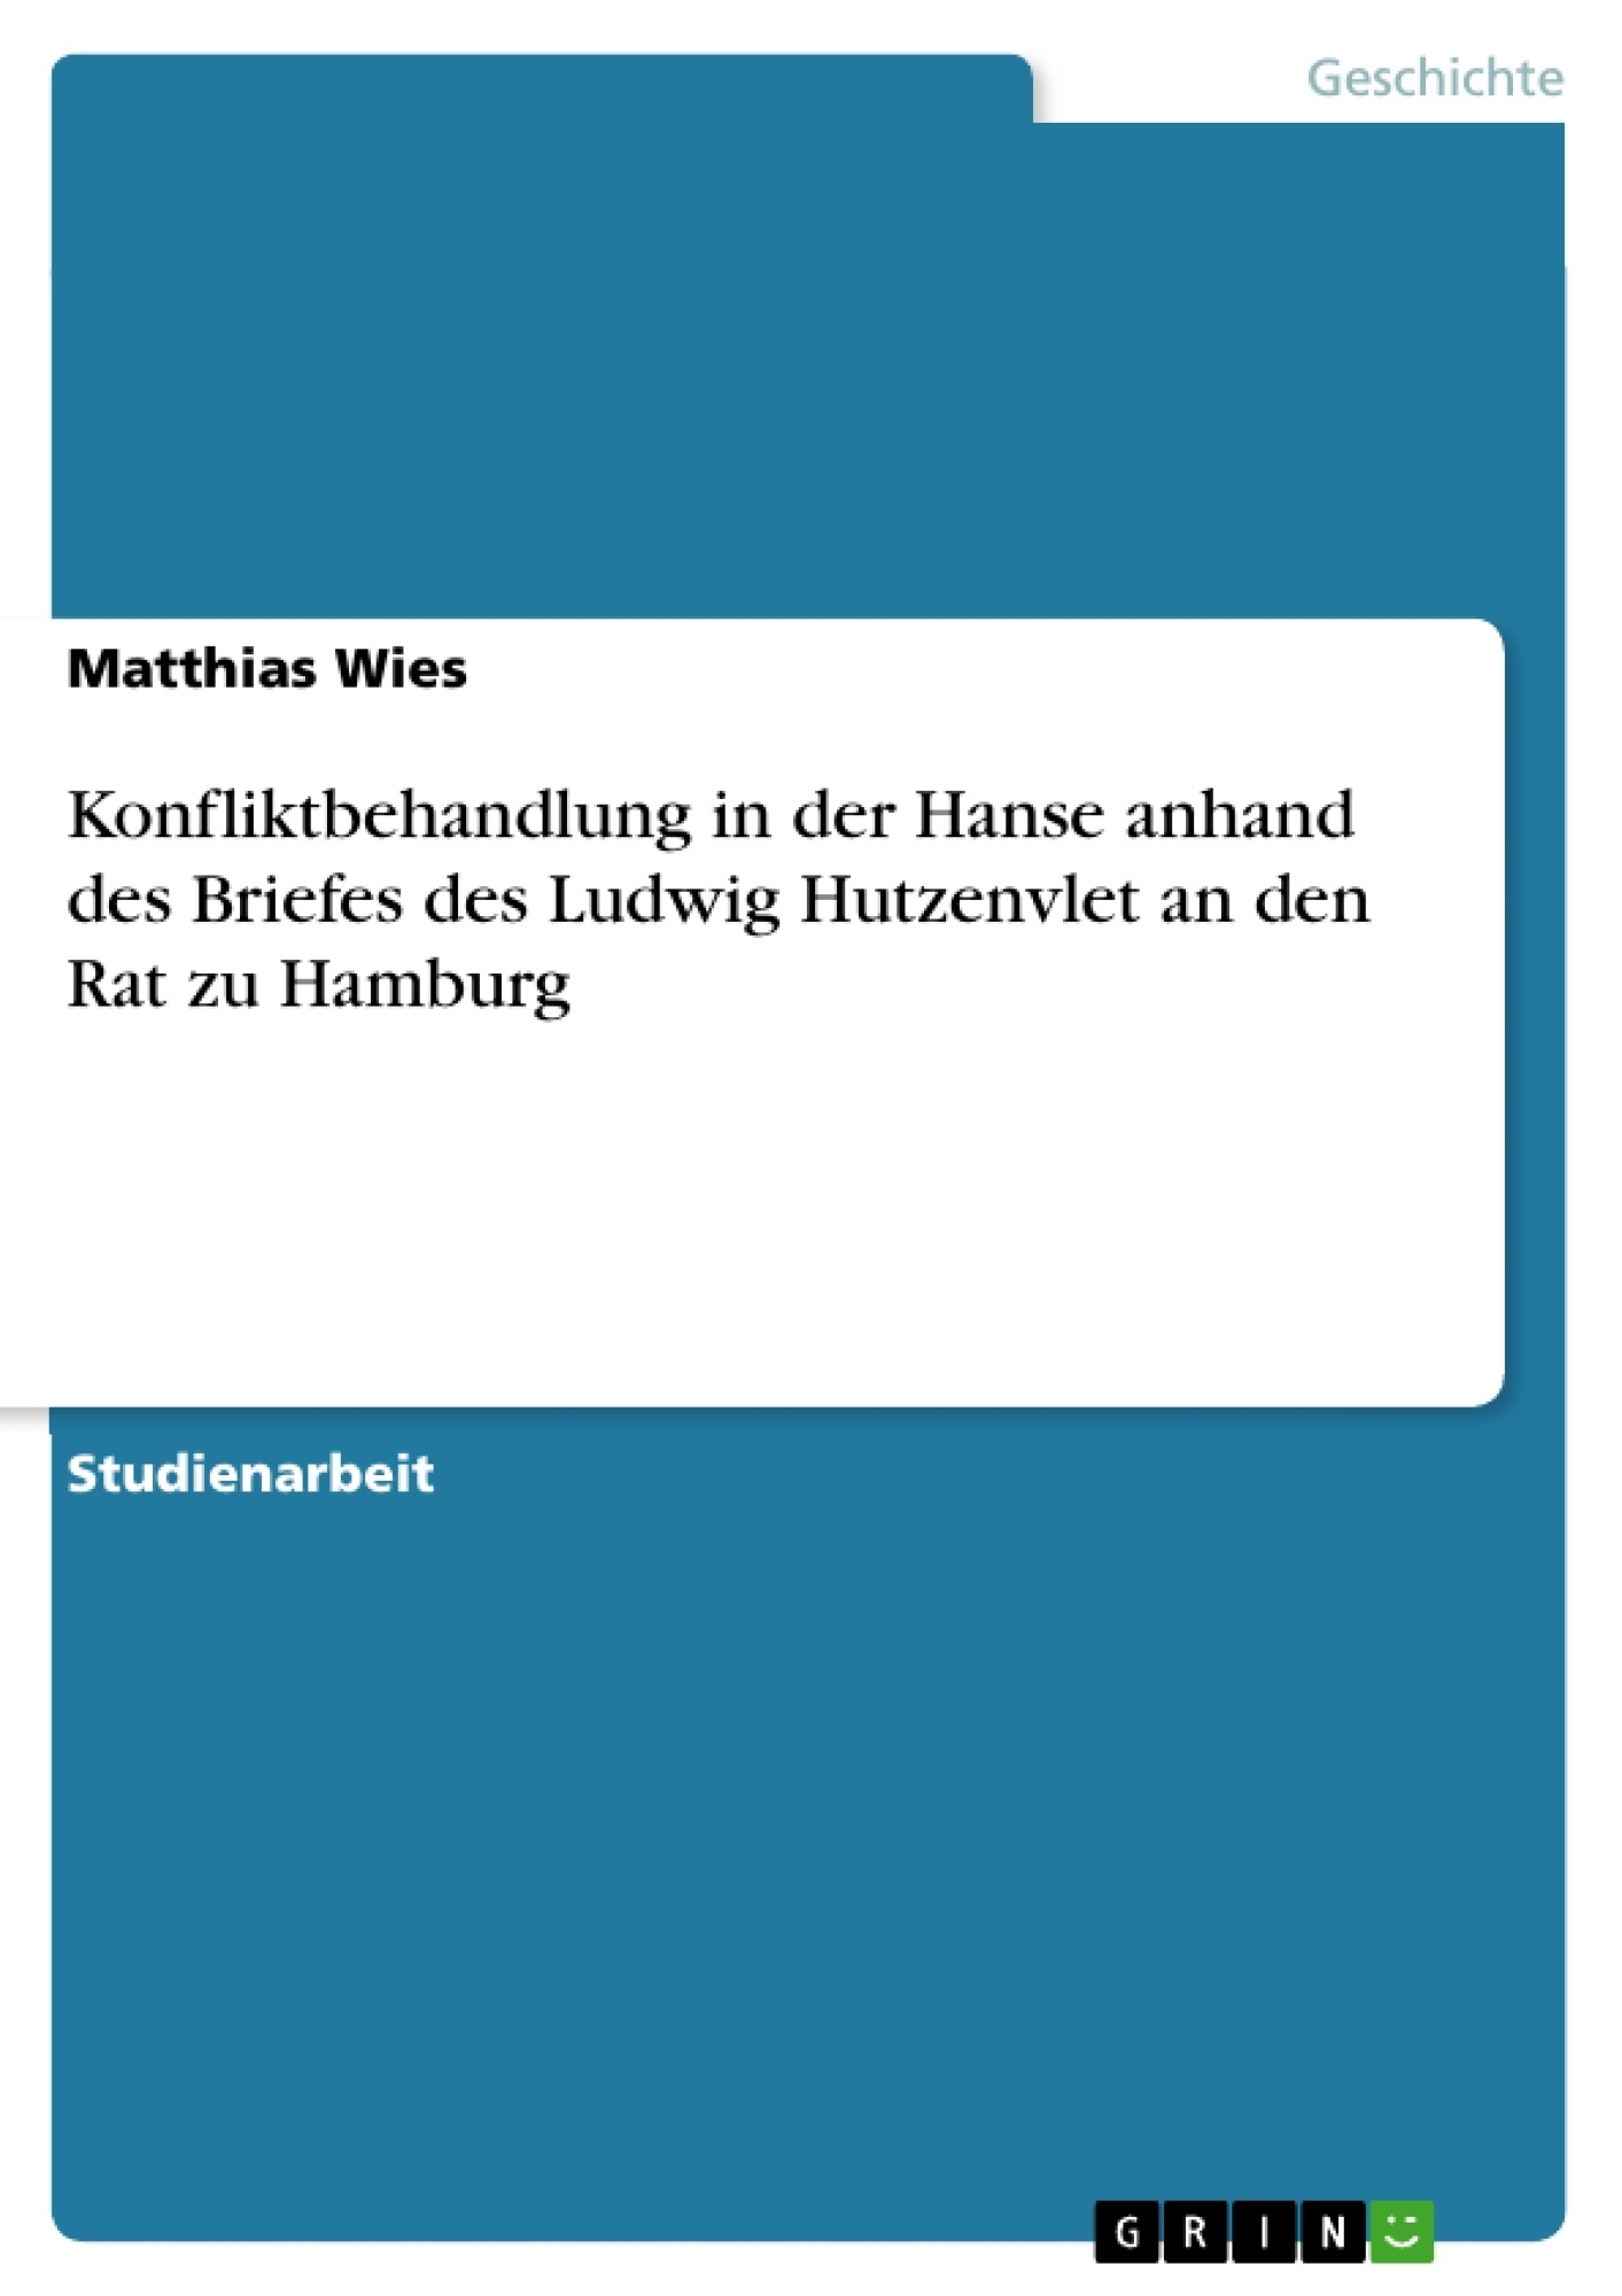 Titel: Konfliktbehandlung in der Hanse anhand des Briefes des Ludwig Hutzenvlet an den Rat zu Hamburg